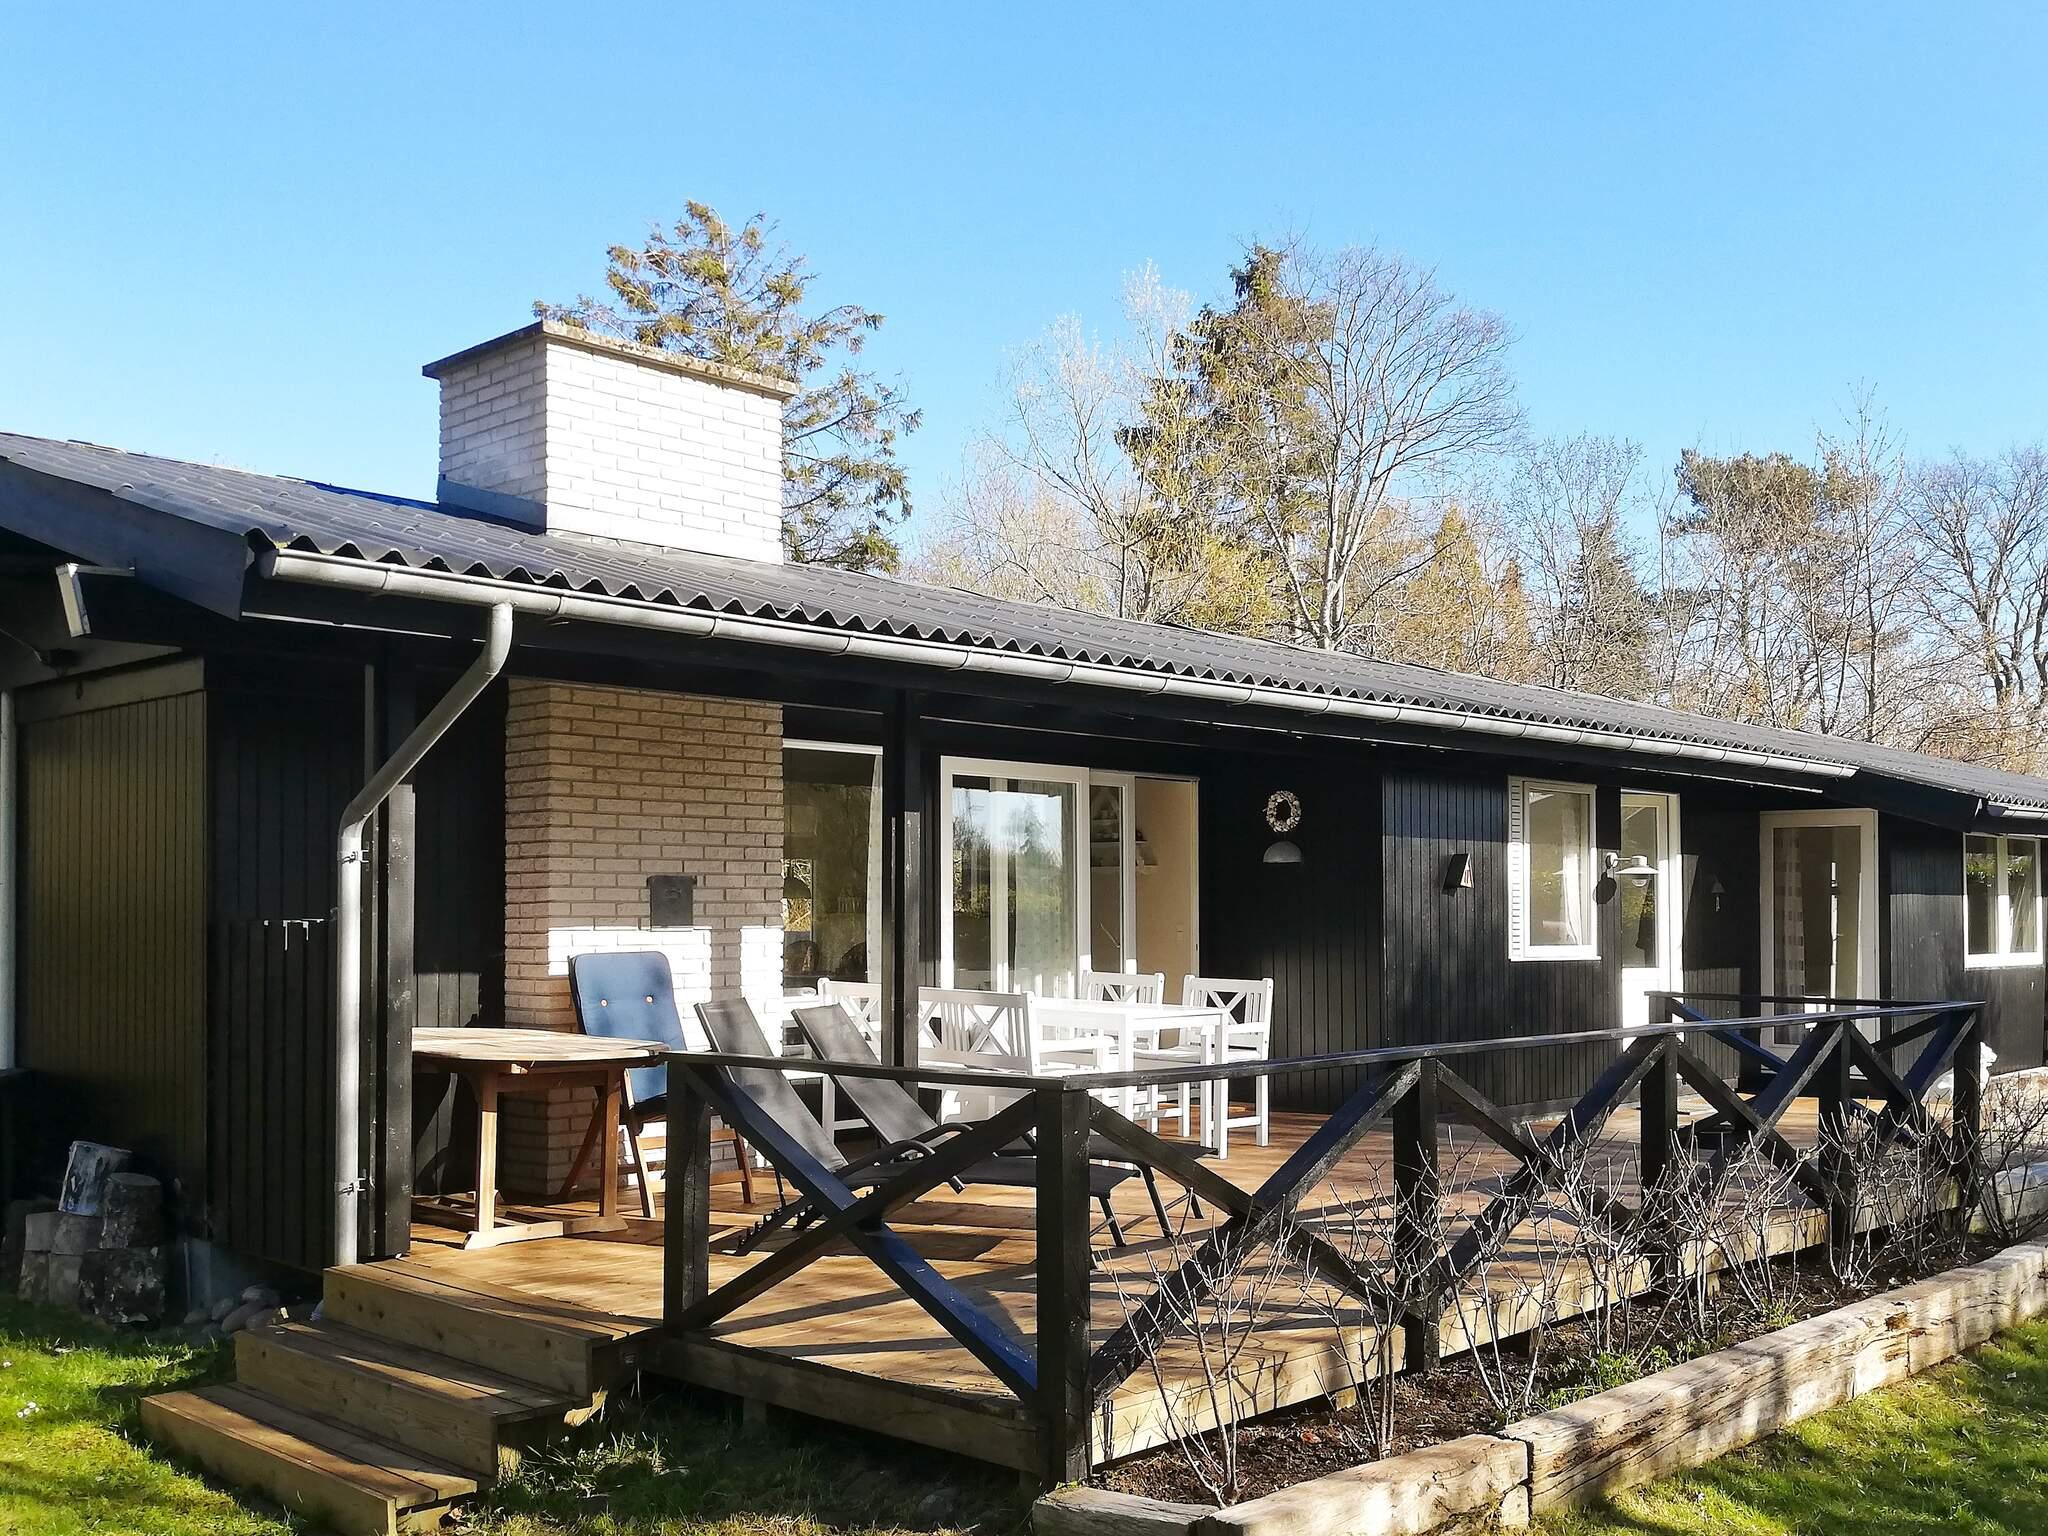 Ferienhaus Udsholt Strand (2584321), Udsholt, , Nordseeland, Dänemark, Bild 1